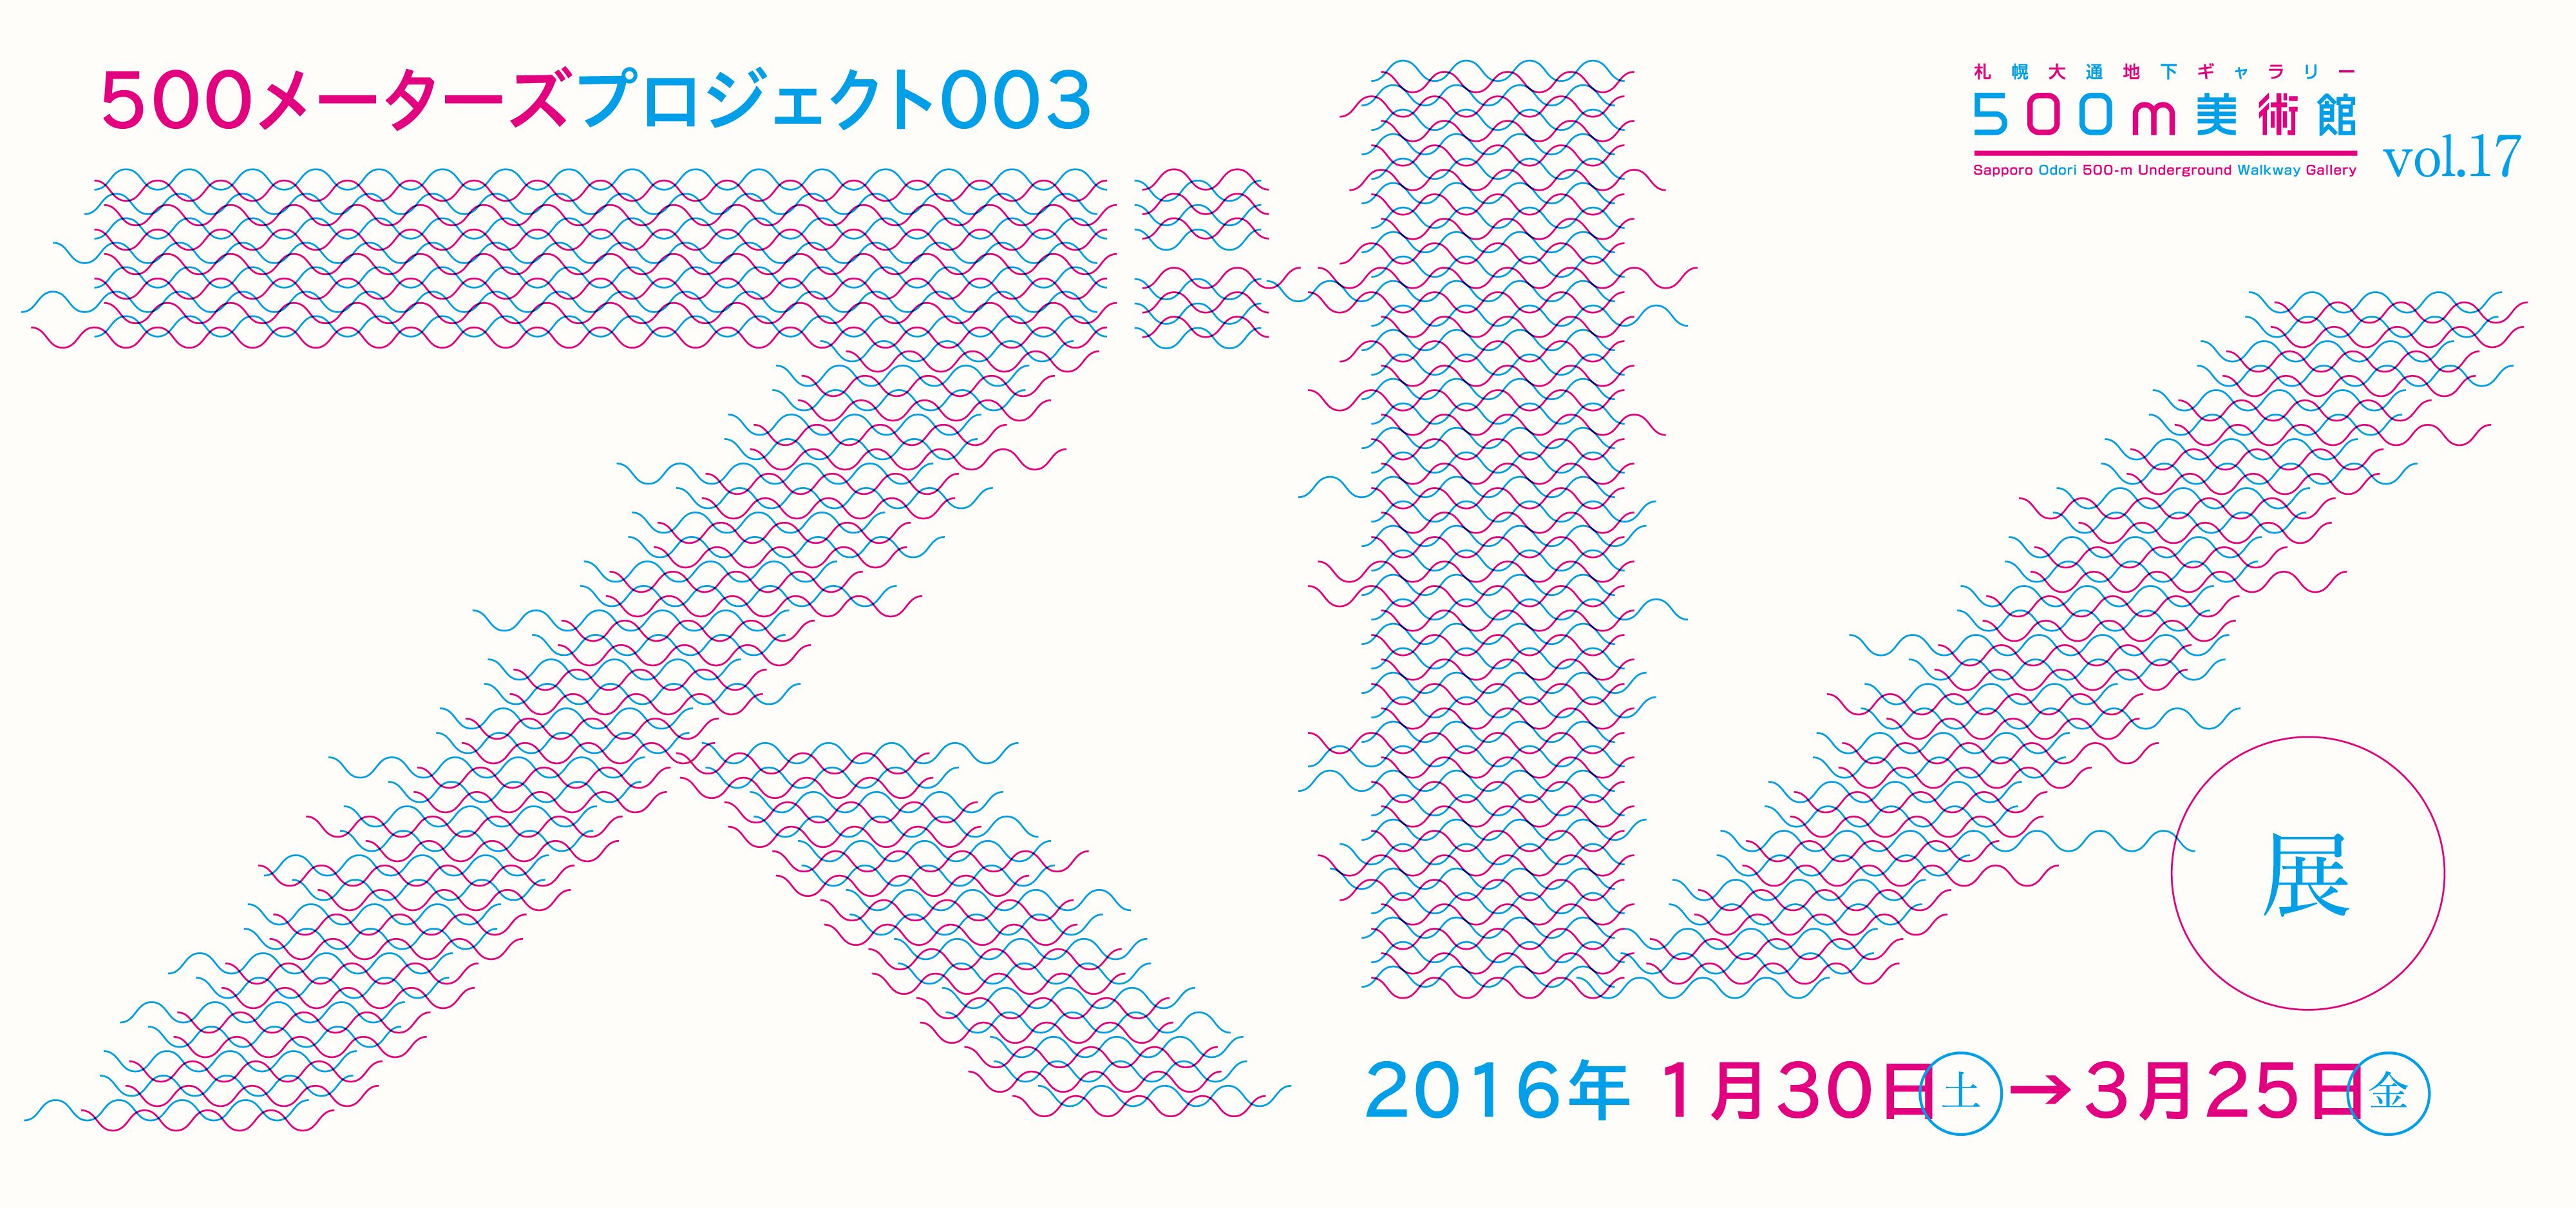 500m_vol.17